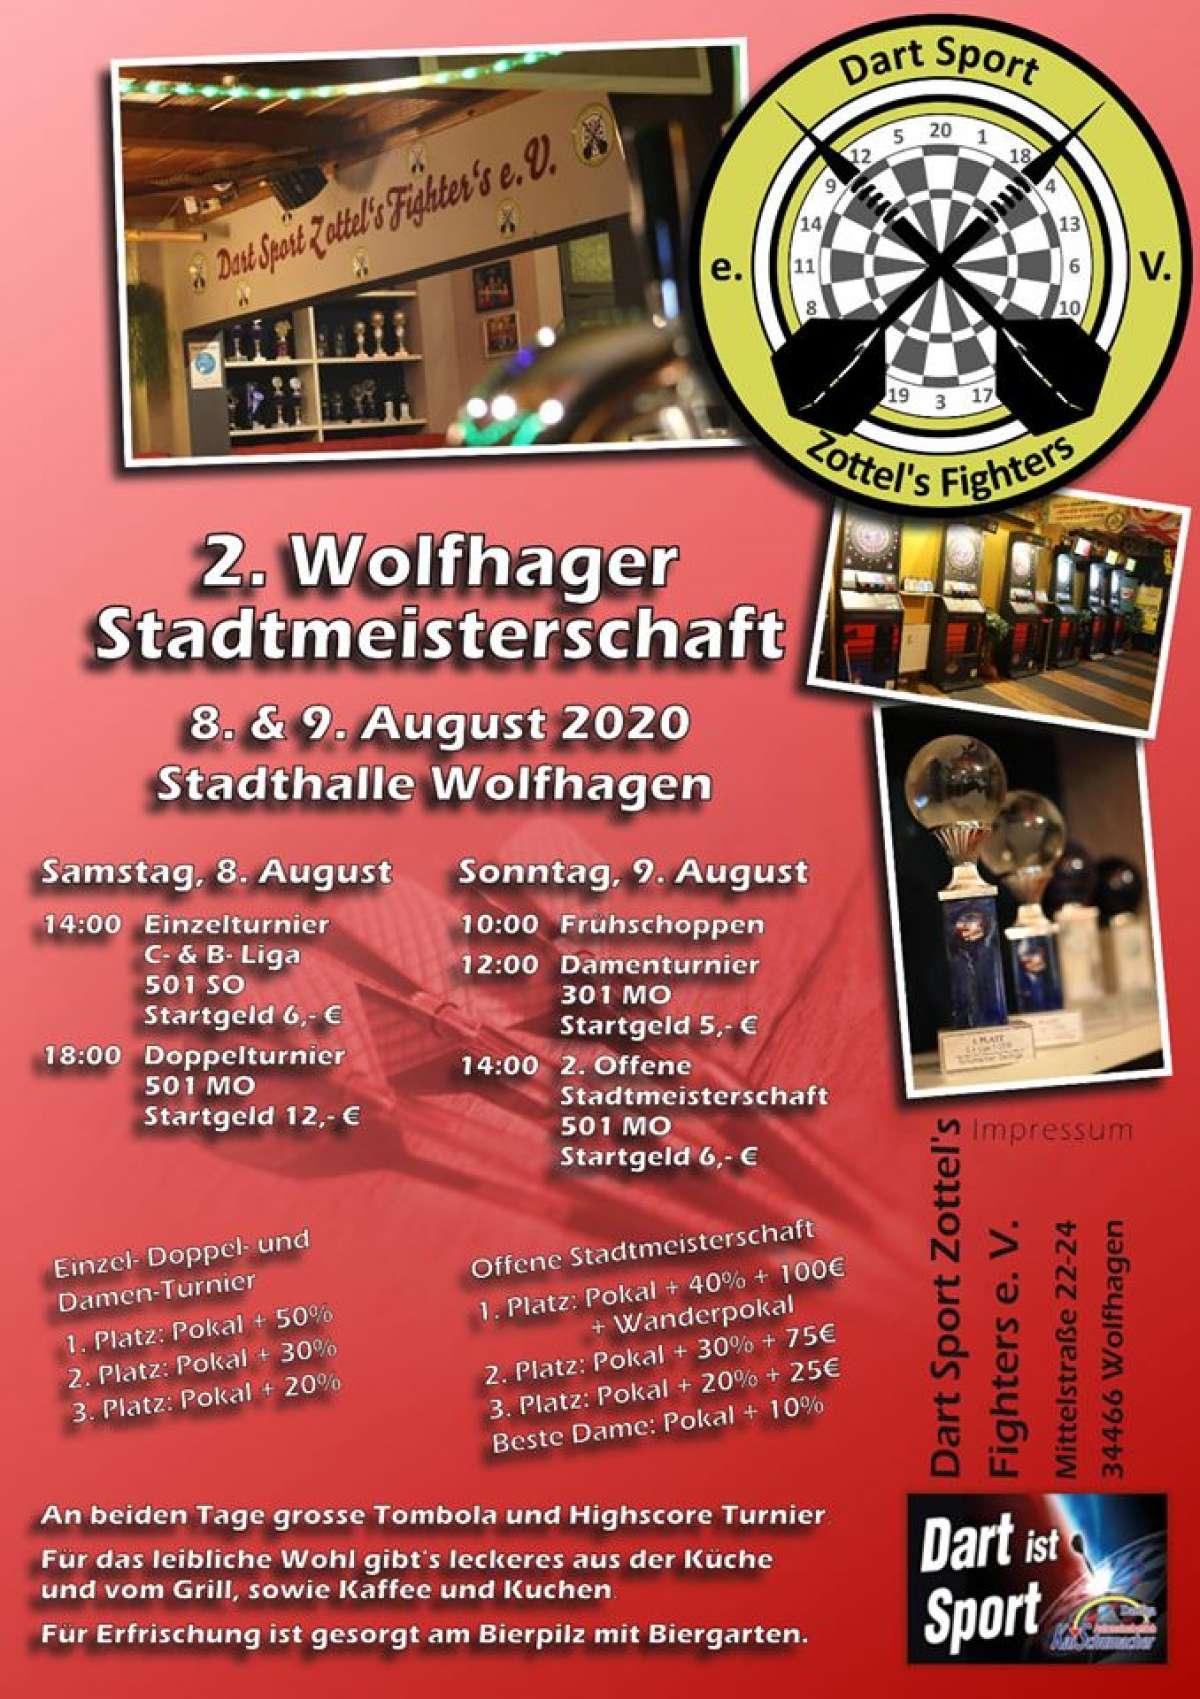 2. Wolfhager Stadtmeisterschaft im Dart - Stadthalle  - Wolfhagen